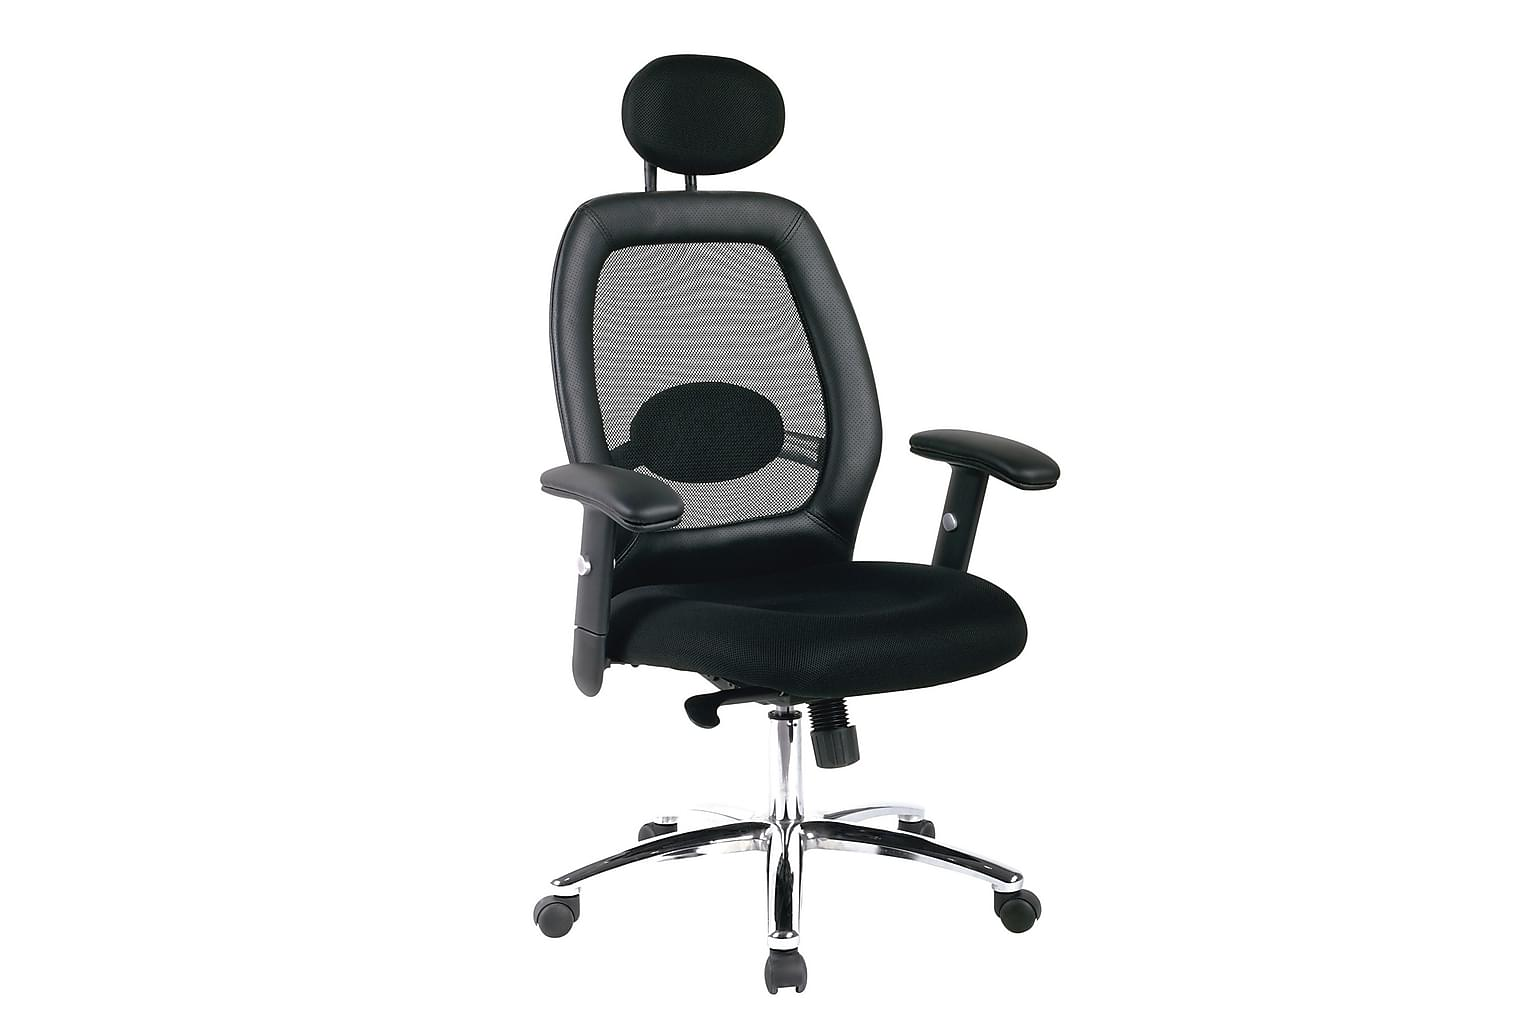 HERMES Kirjoituspöydän tuoli Musta